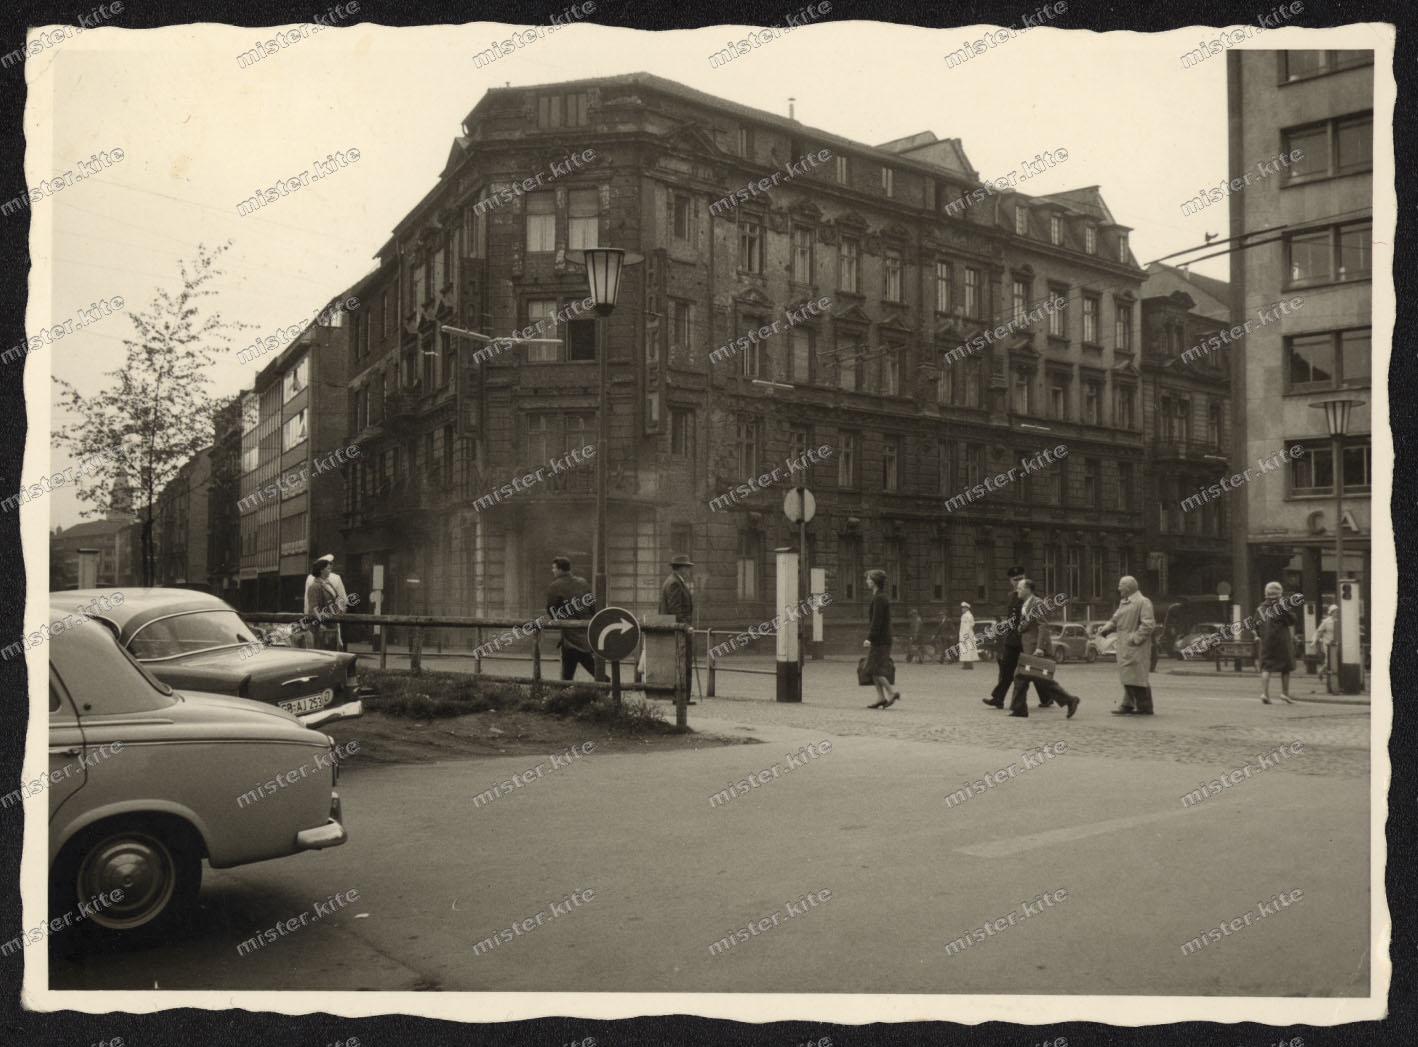 Saarbr cken geb ude haus architektur fassade kfz verkehr for Architektur 1960